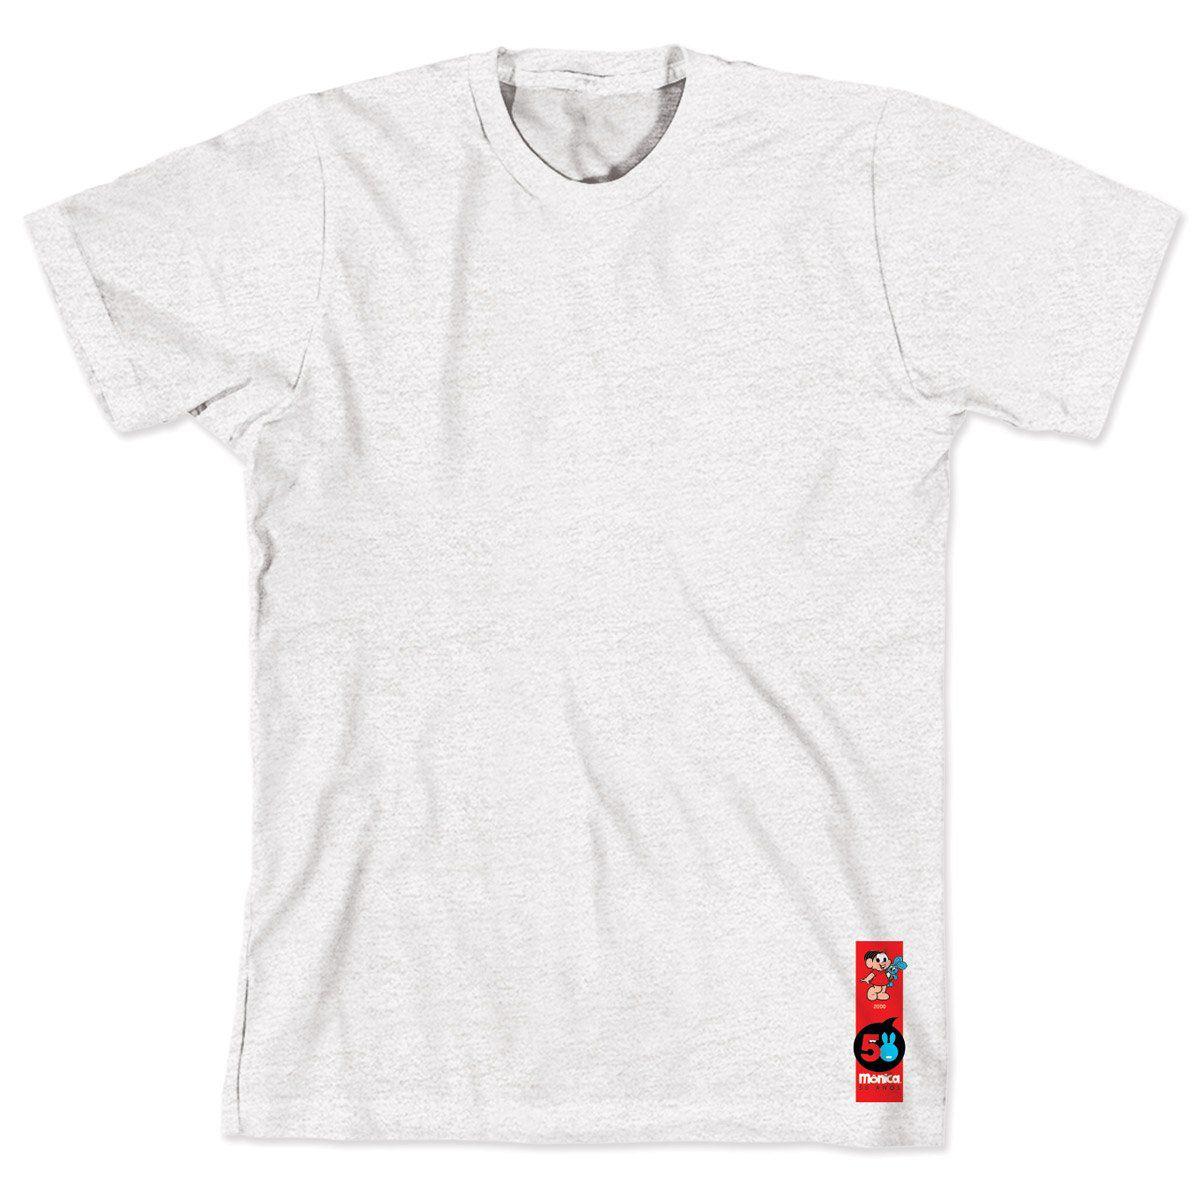 Camiseta Turma da Mônica 50 Anos Modelo 5 Anos 2000